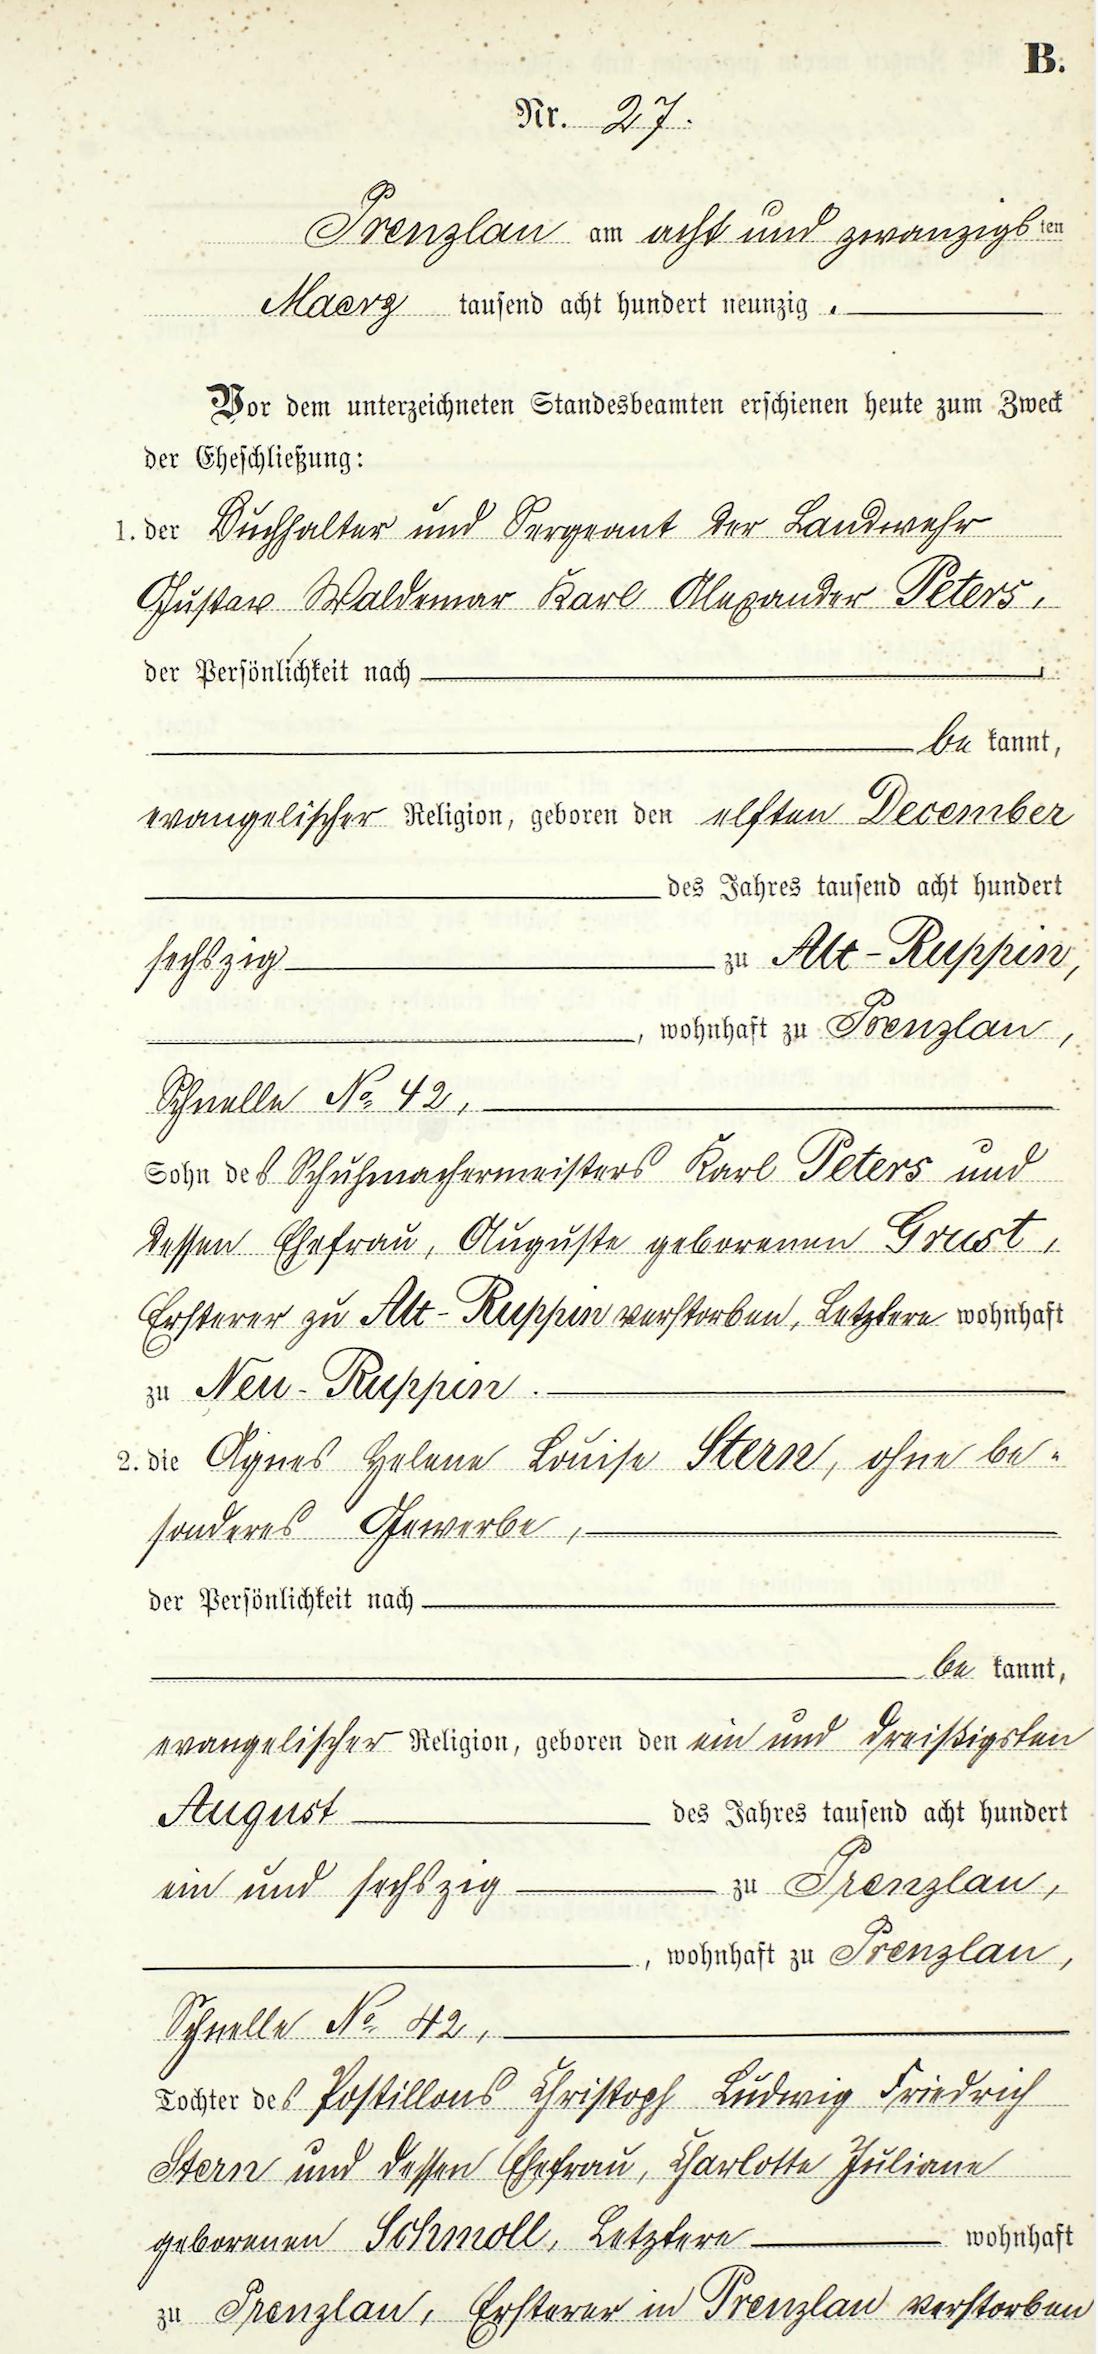 Peters Gustav 1890 marriage